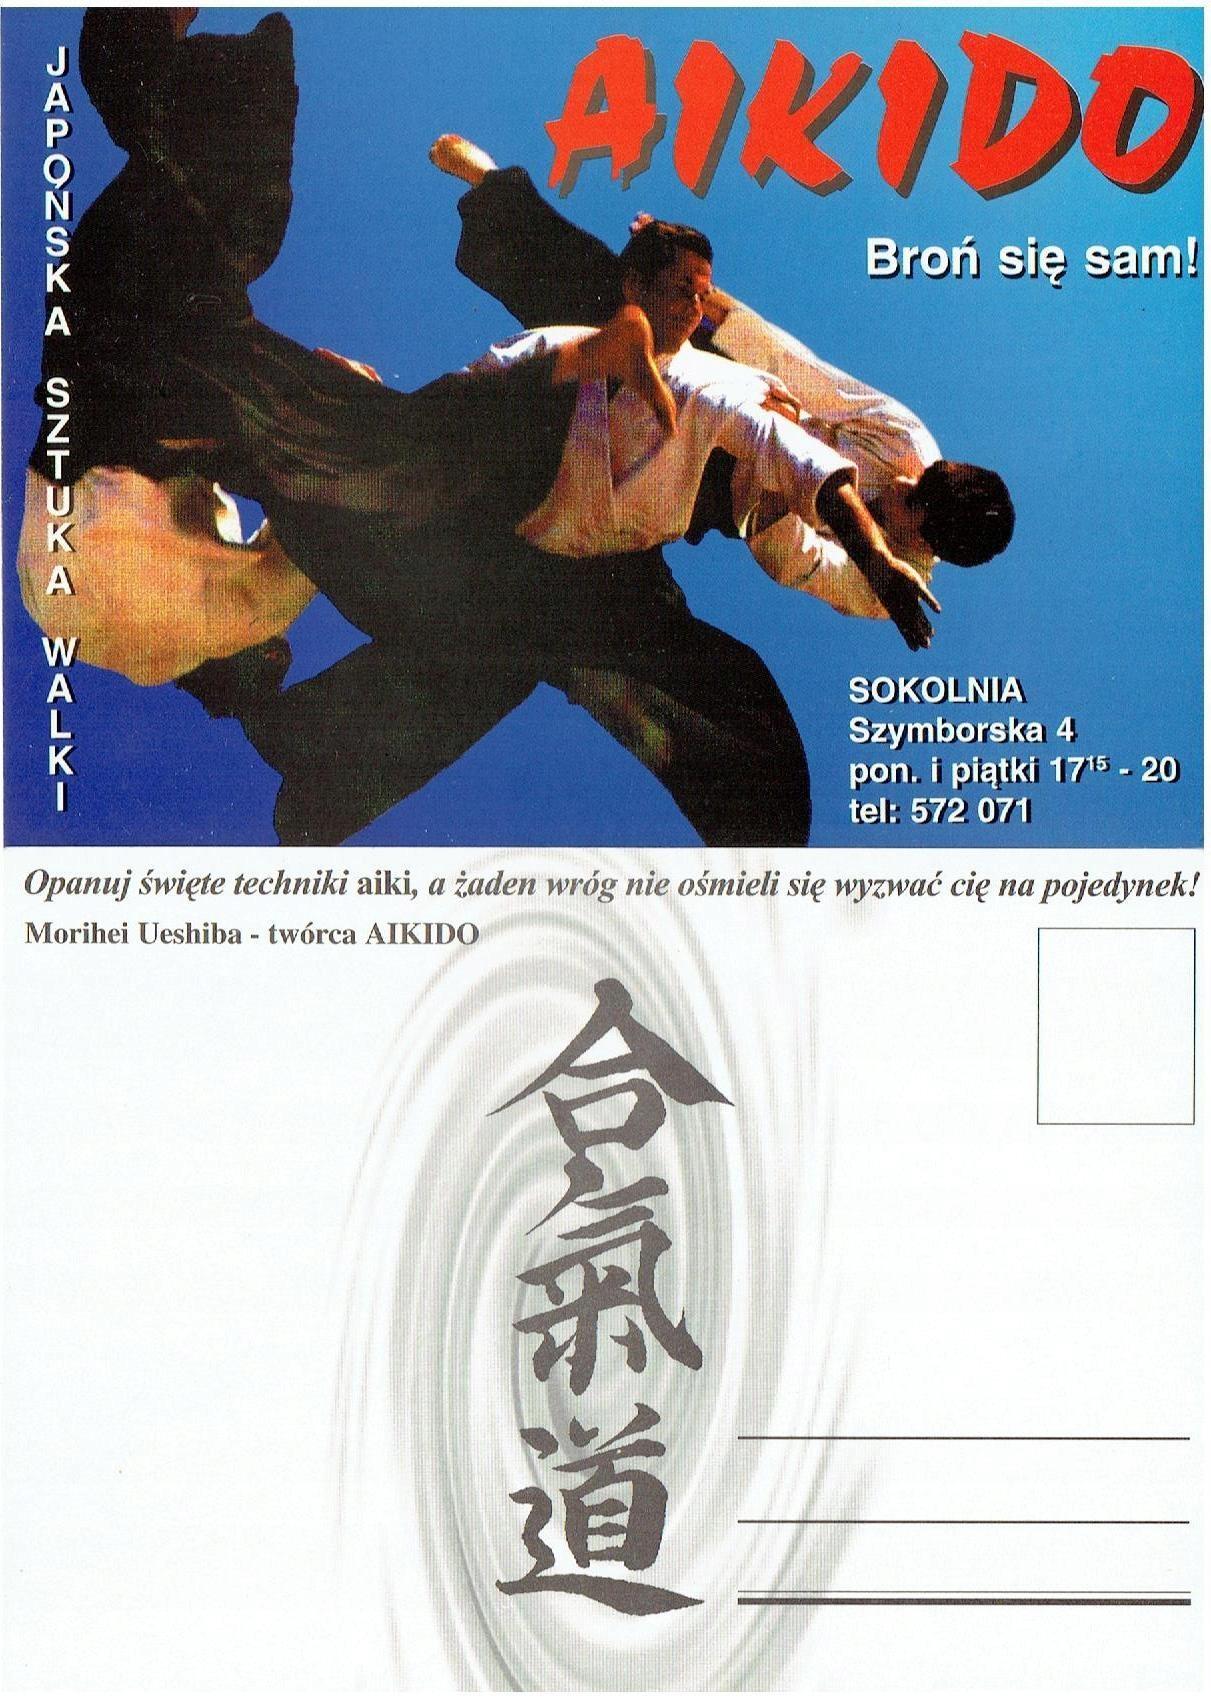 Pamätná karta Aikido Sokolnia inowrocław 1994